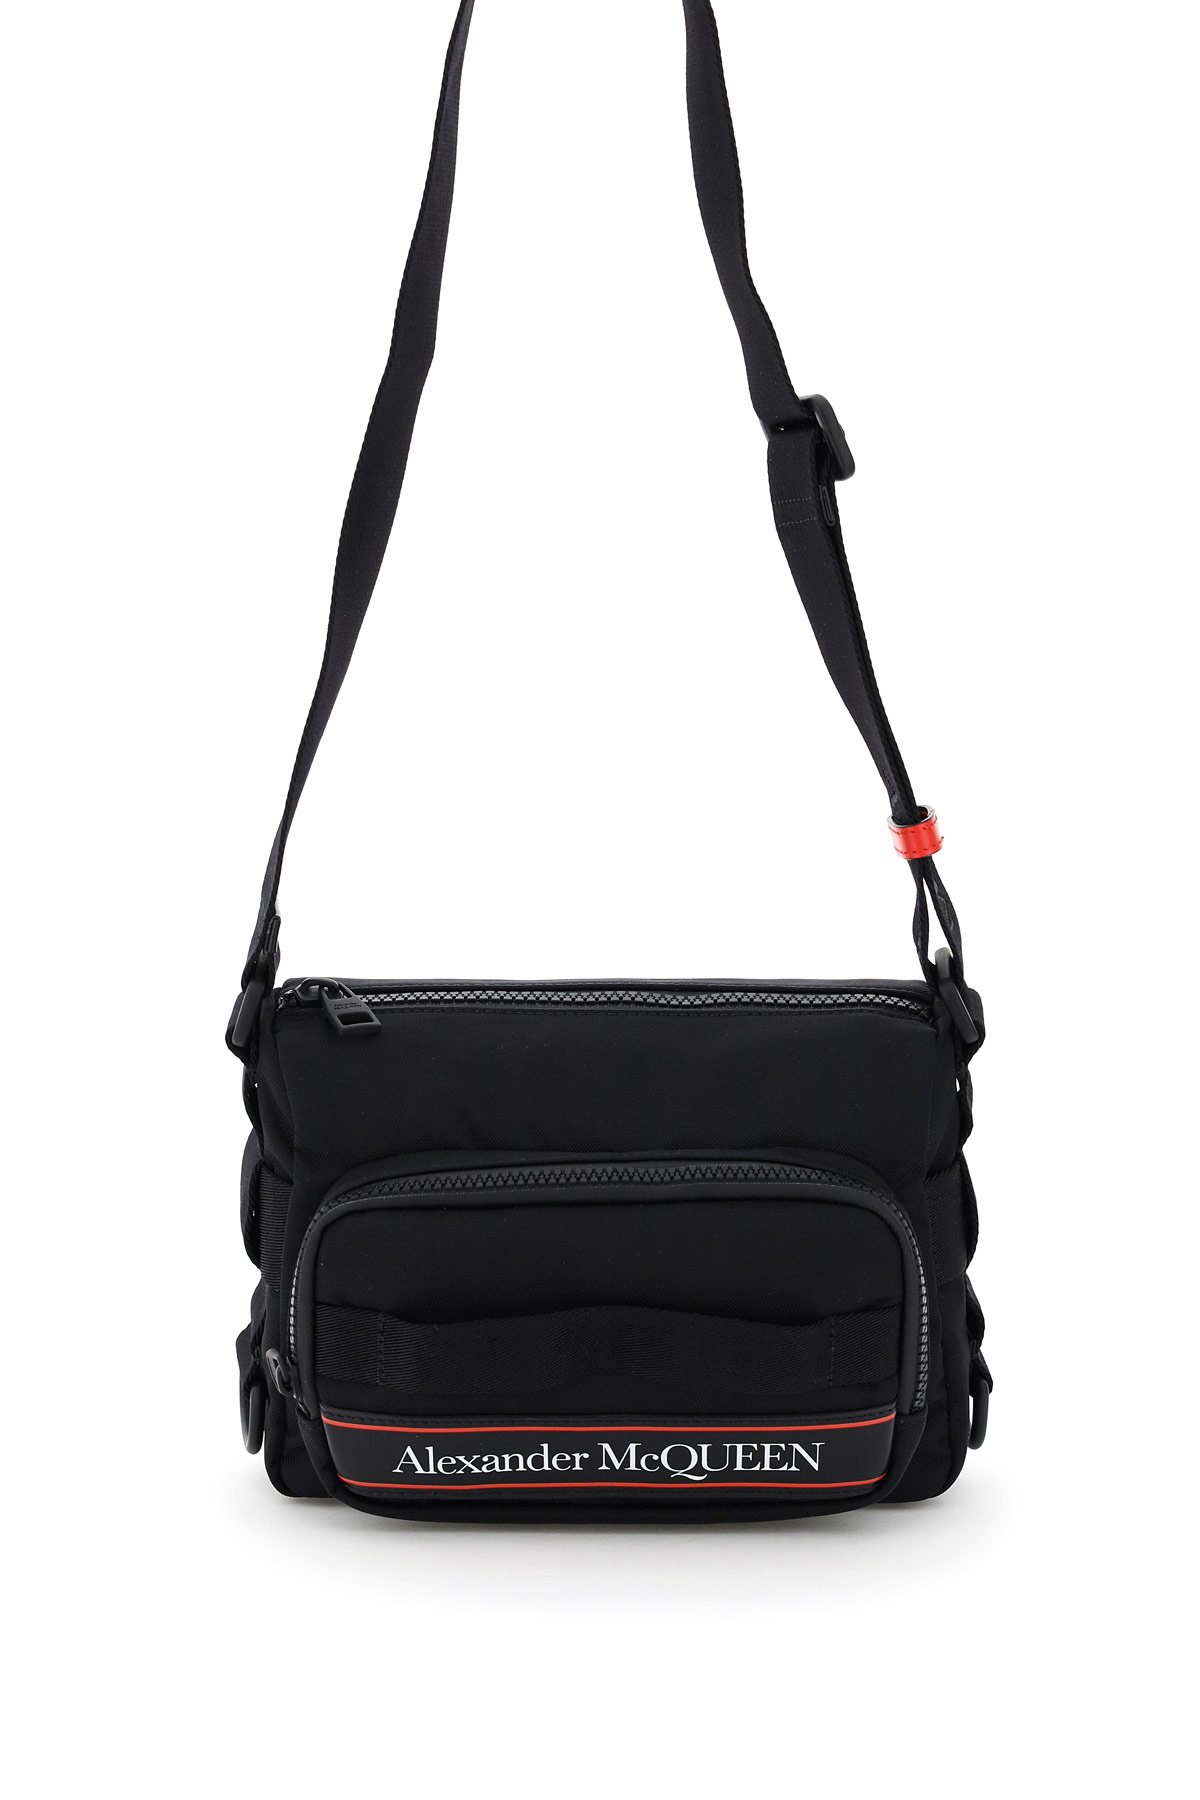 Alexander mcqueen urban camera bag logo